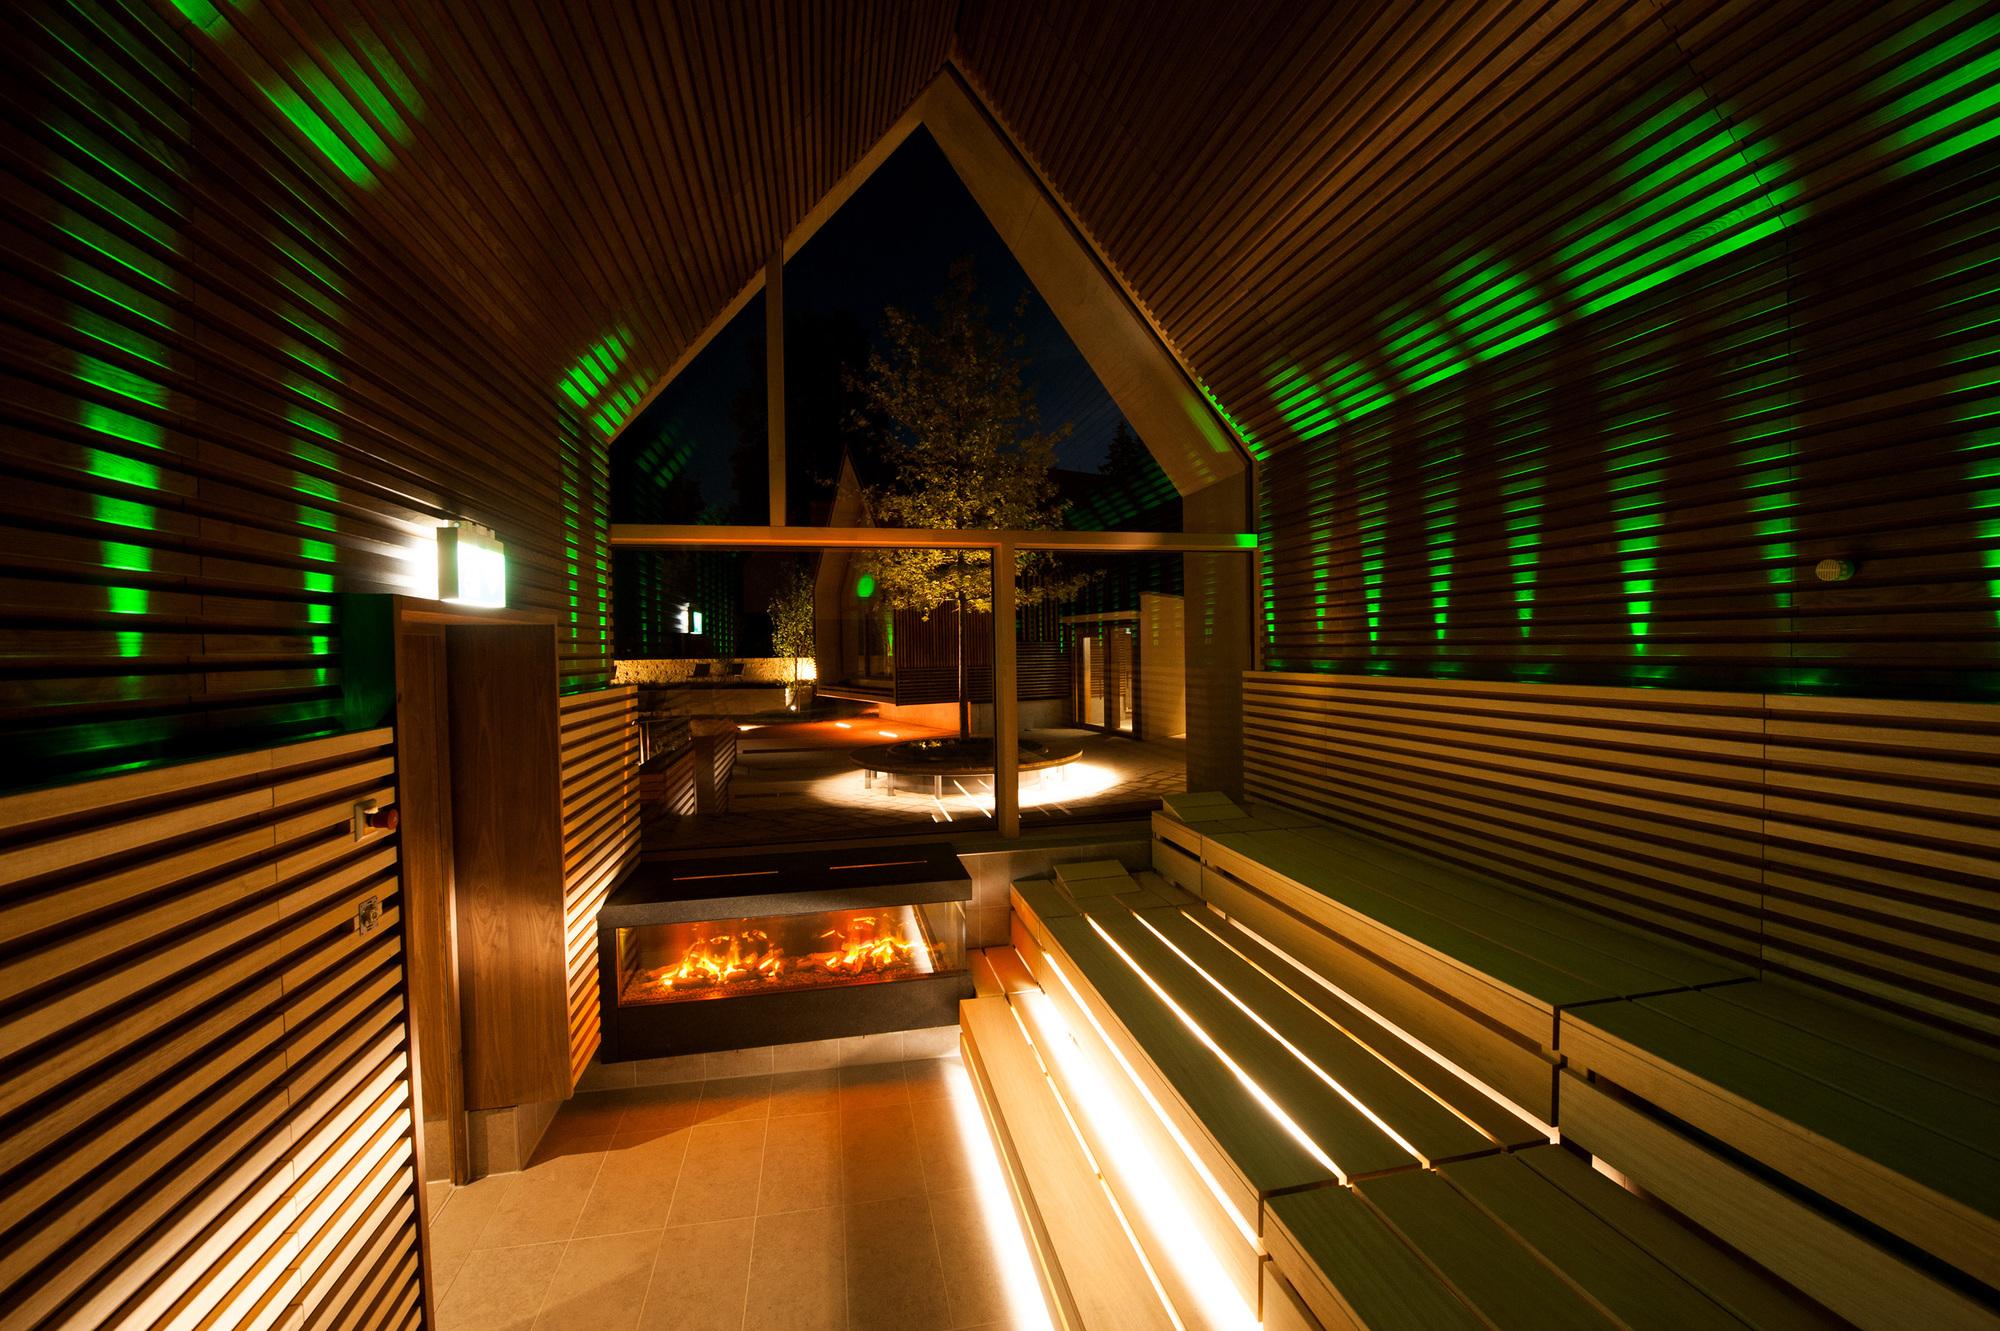 Gallery of jordanbad sauna village jeschke architektur planung 14 - Sauna architektur ...